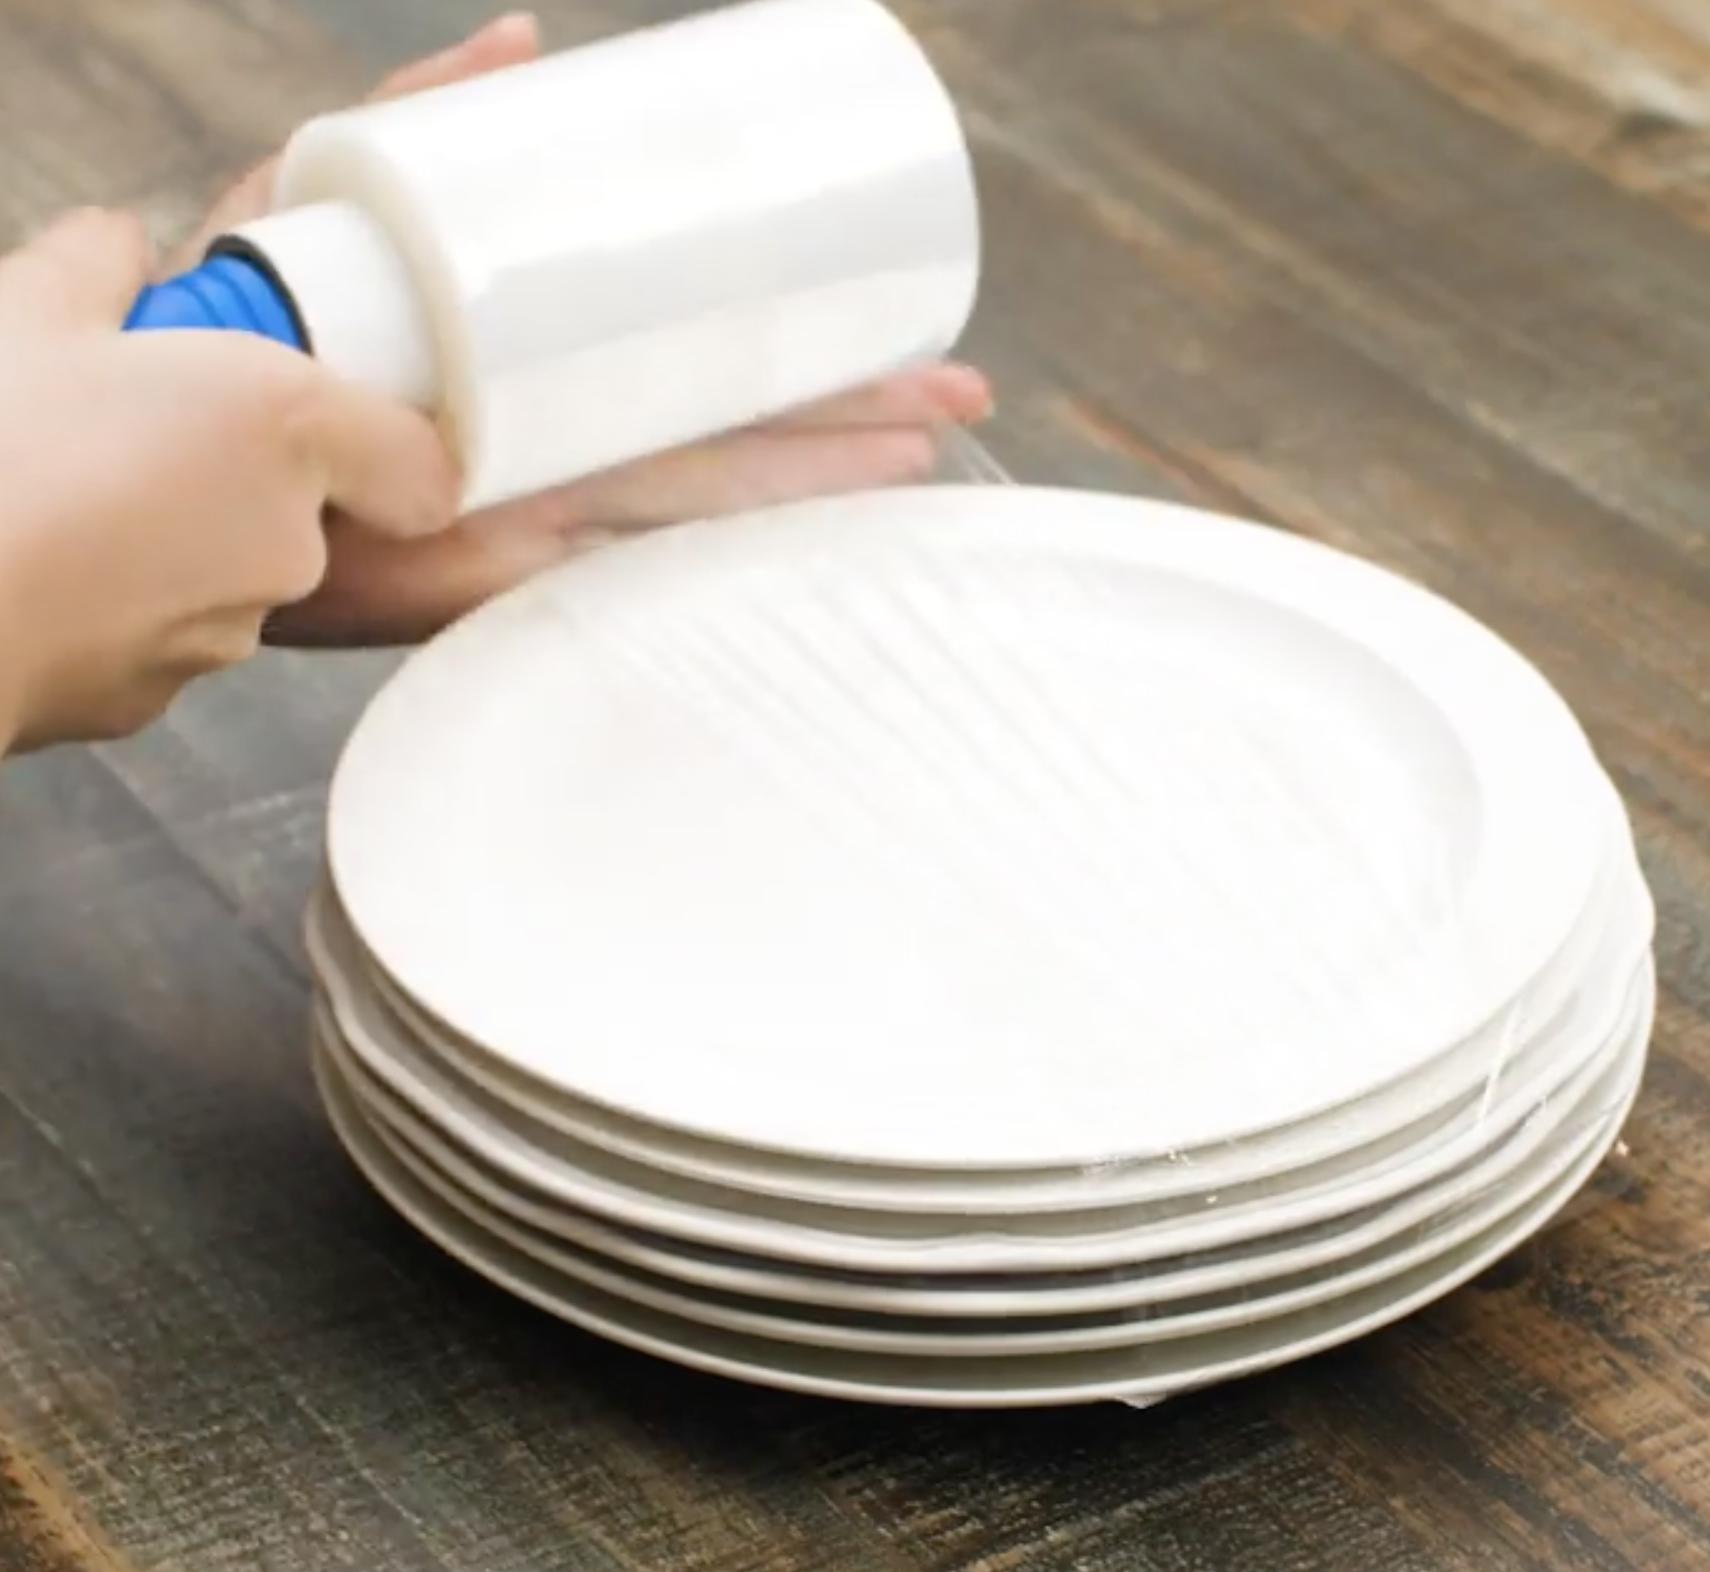 引越しで使える!「割れ物」の梱包テクニックおすすめ3選